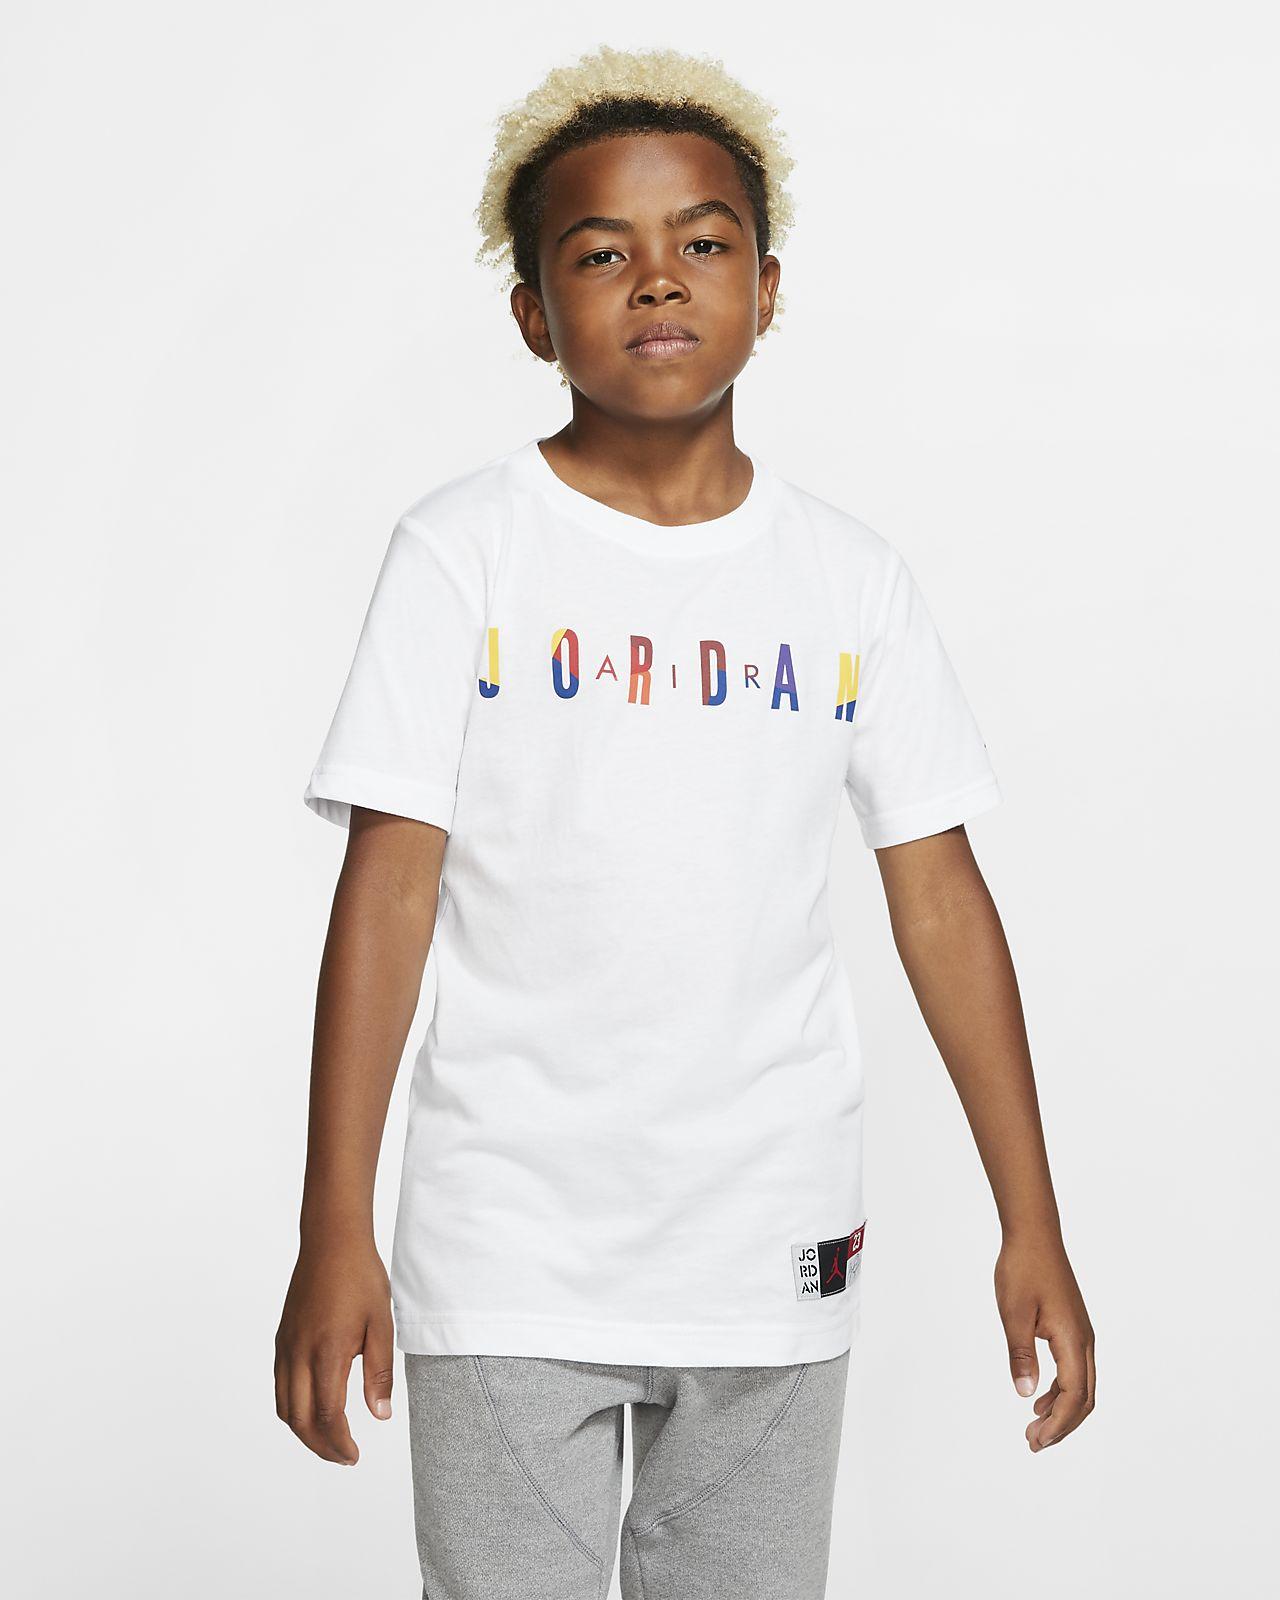 t-shirt nike air jordan